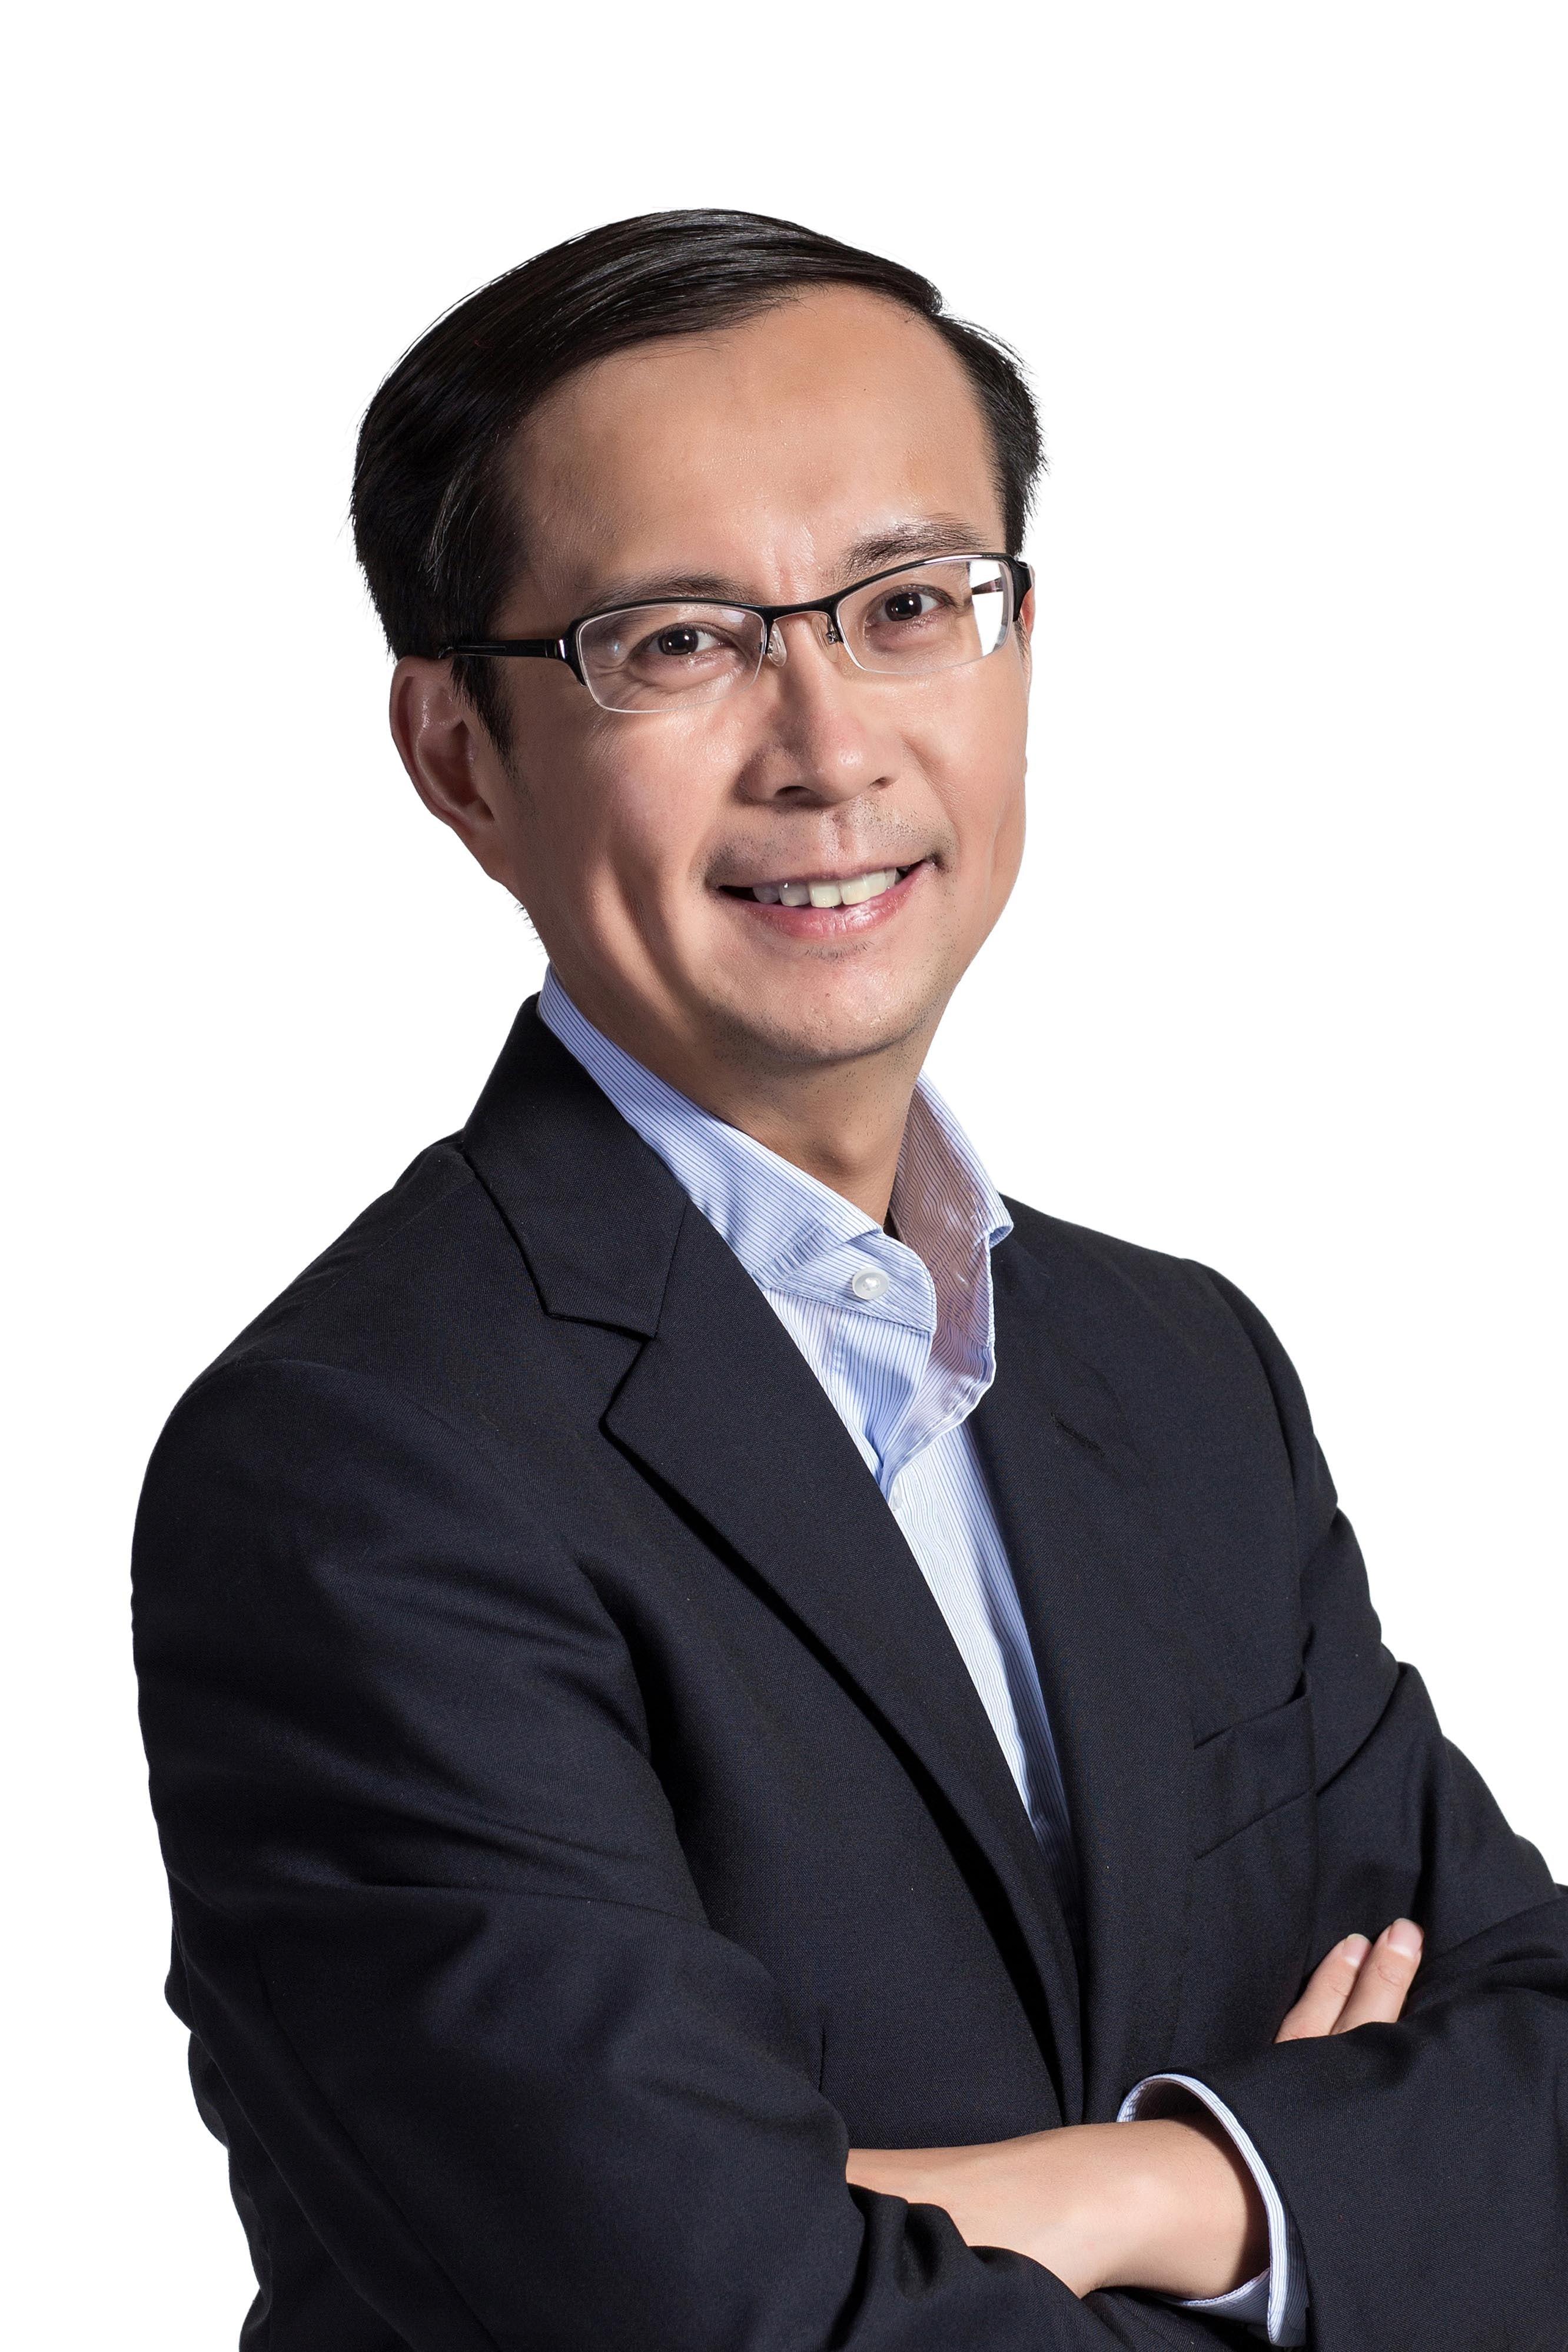 Daniel Zhang | Source: Courtesy